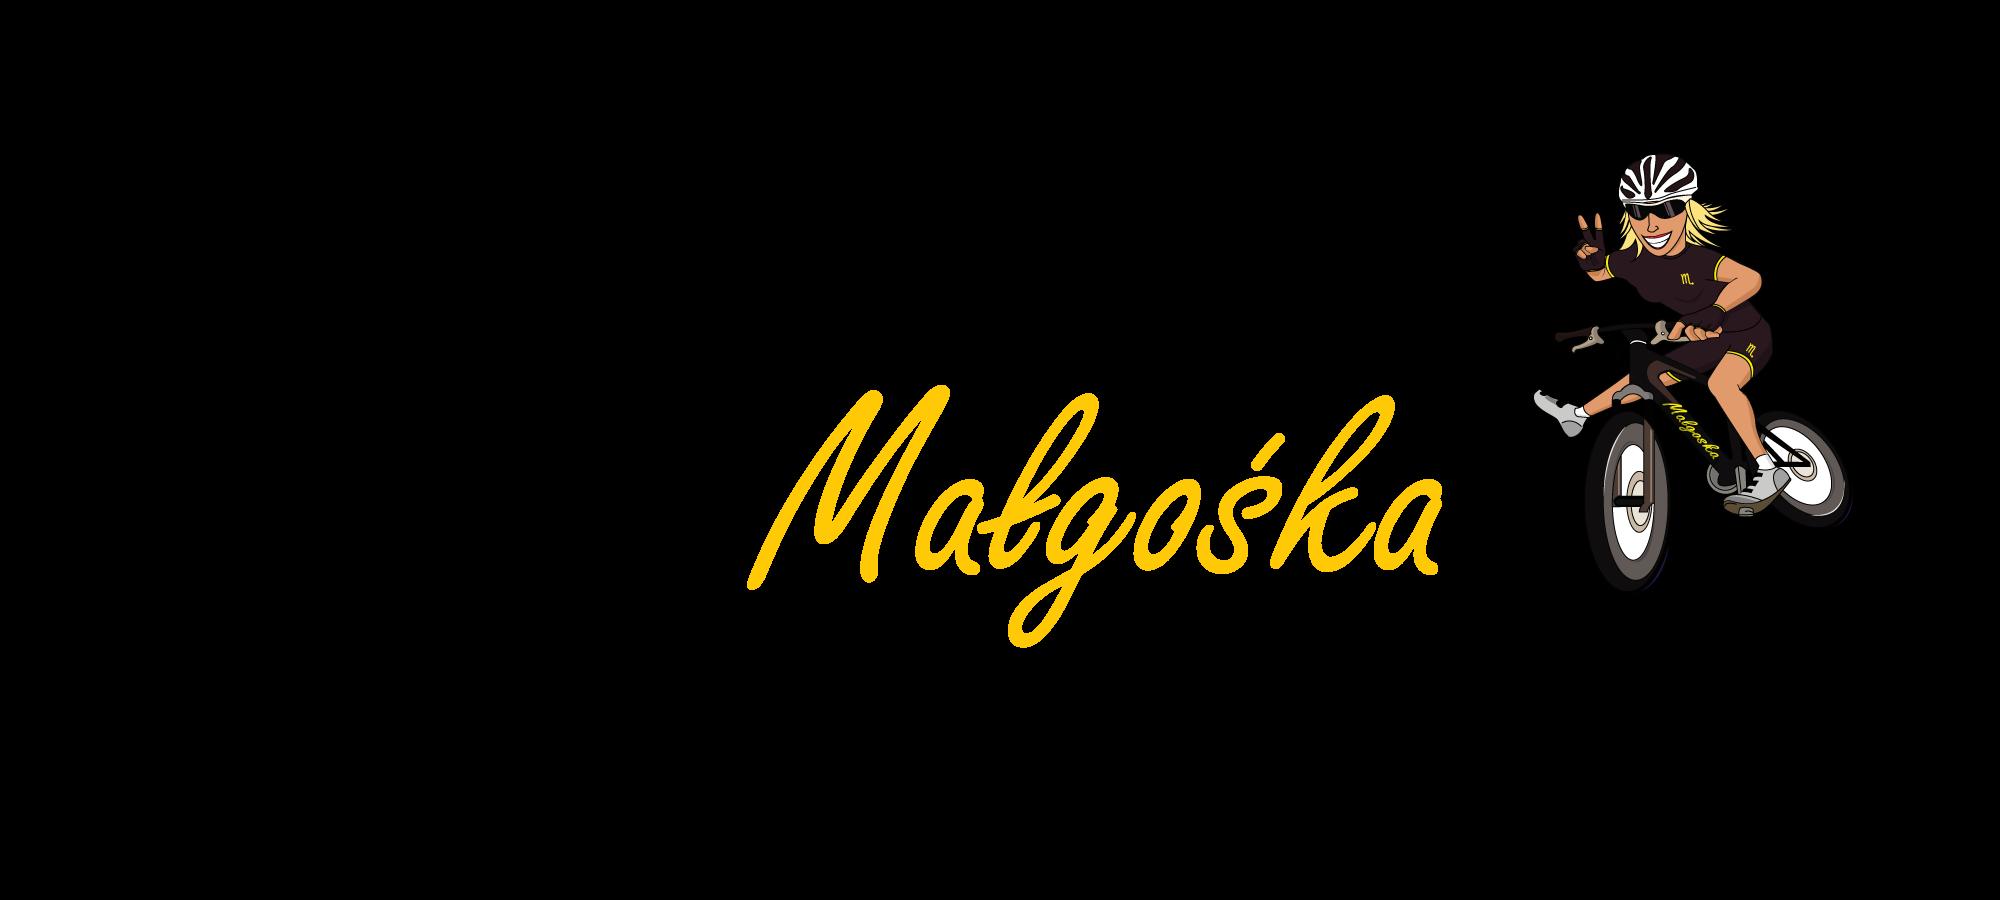 Rowery Malgoska internetowy sklep rowerowy